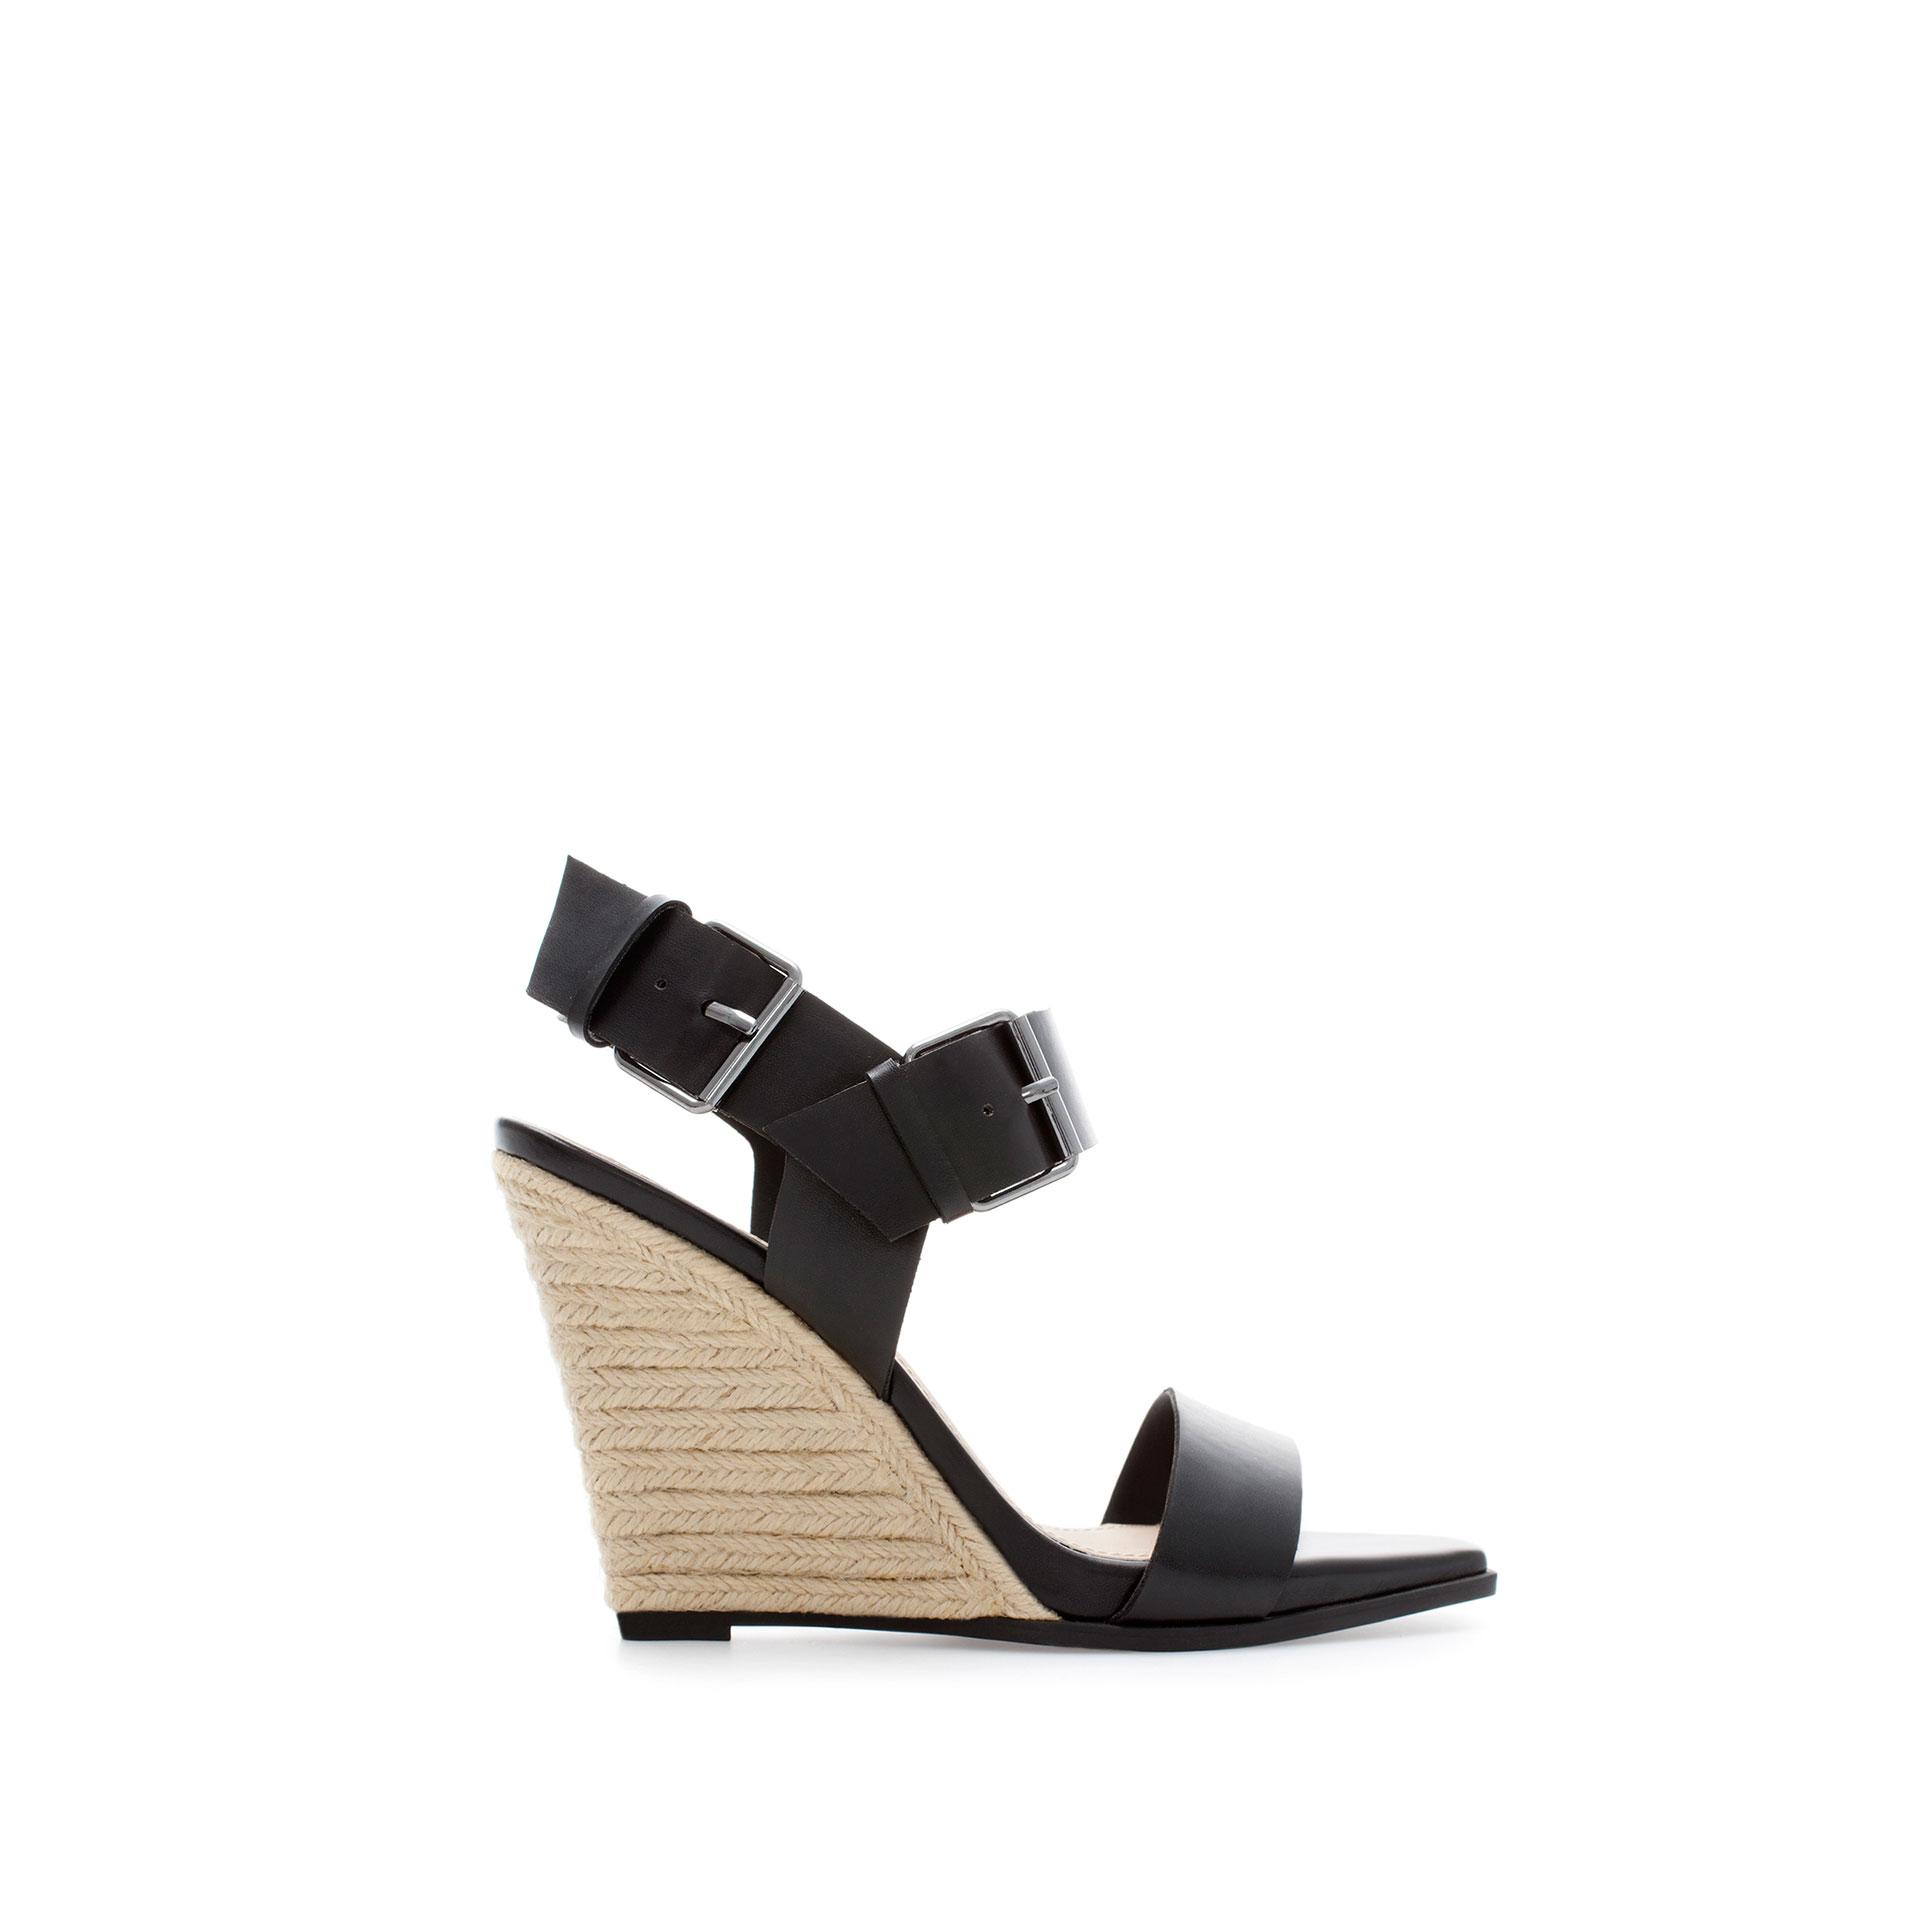 zara raffia wedge heel shoe in black lyst